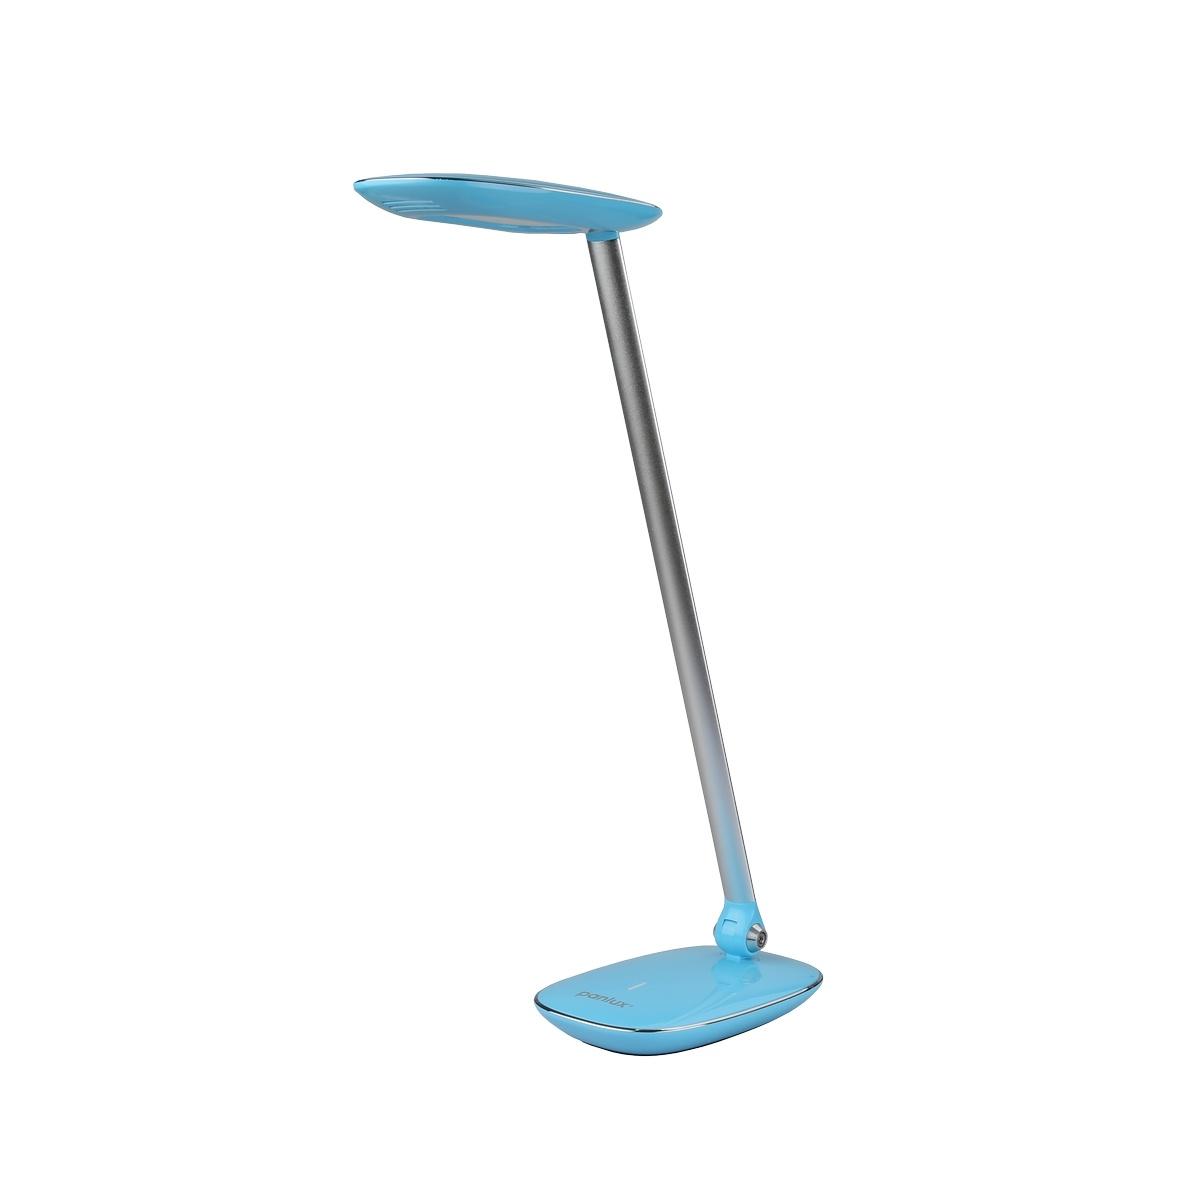 Panlux PN15300012 Stolní LED lampička Moana, modrá